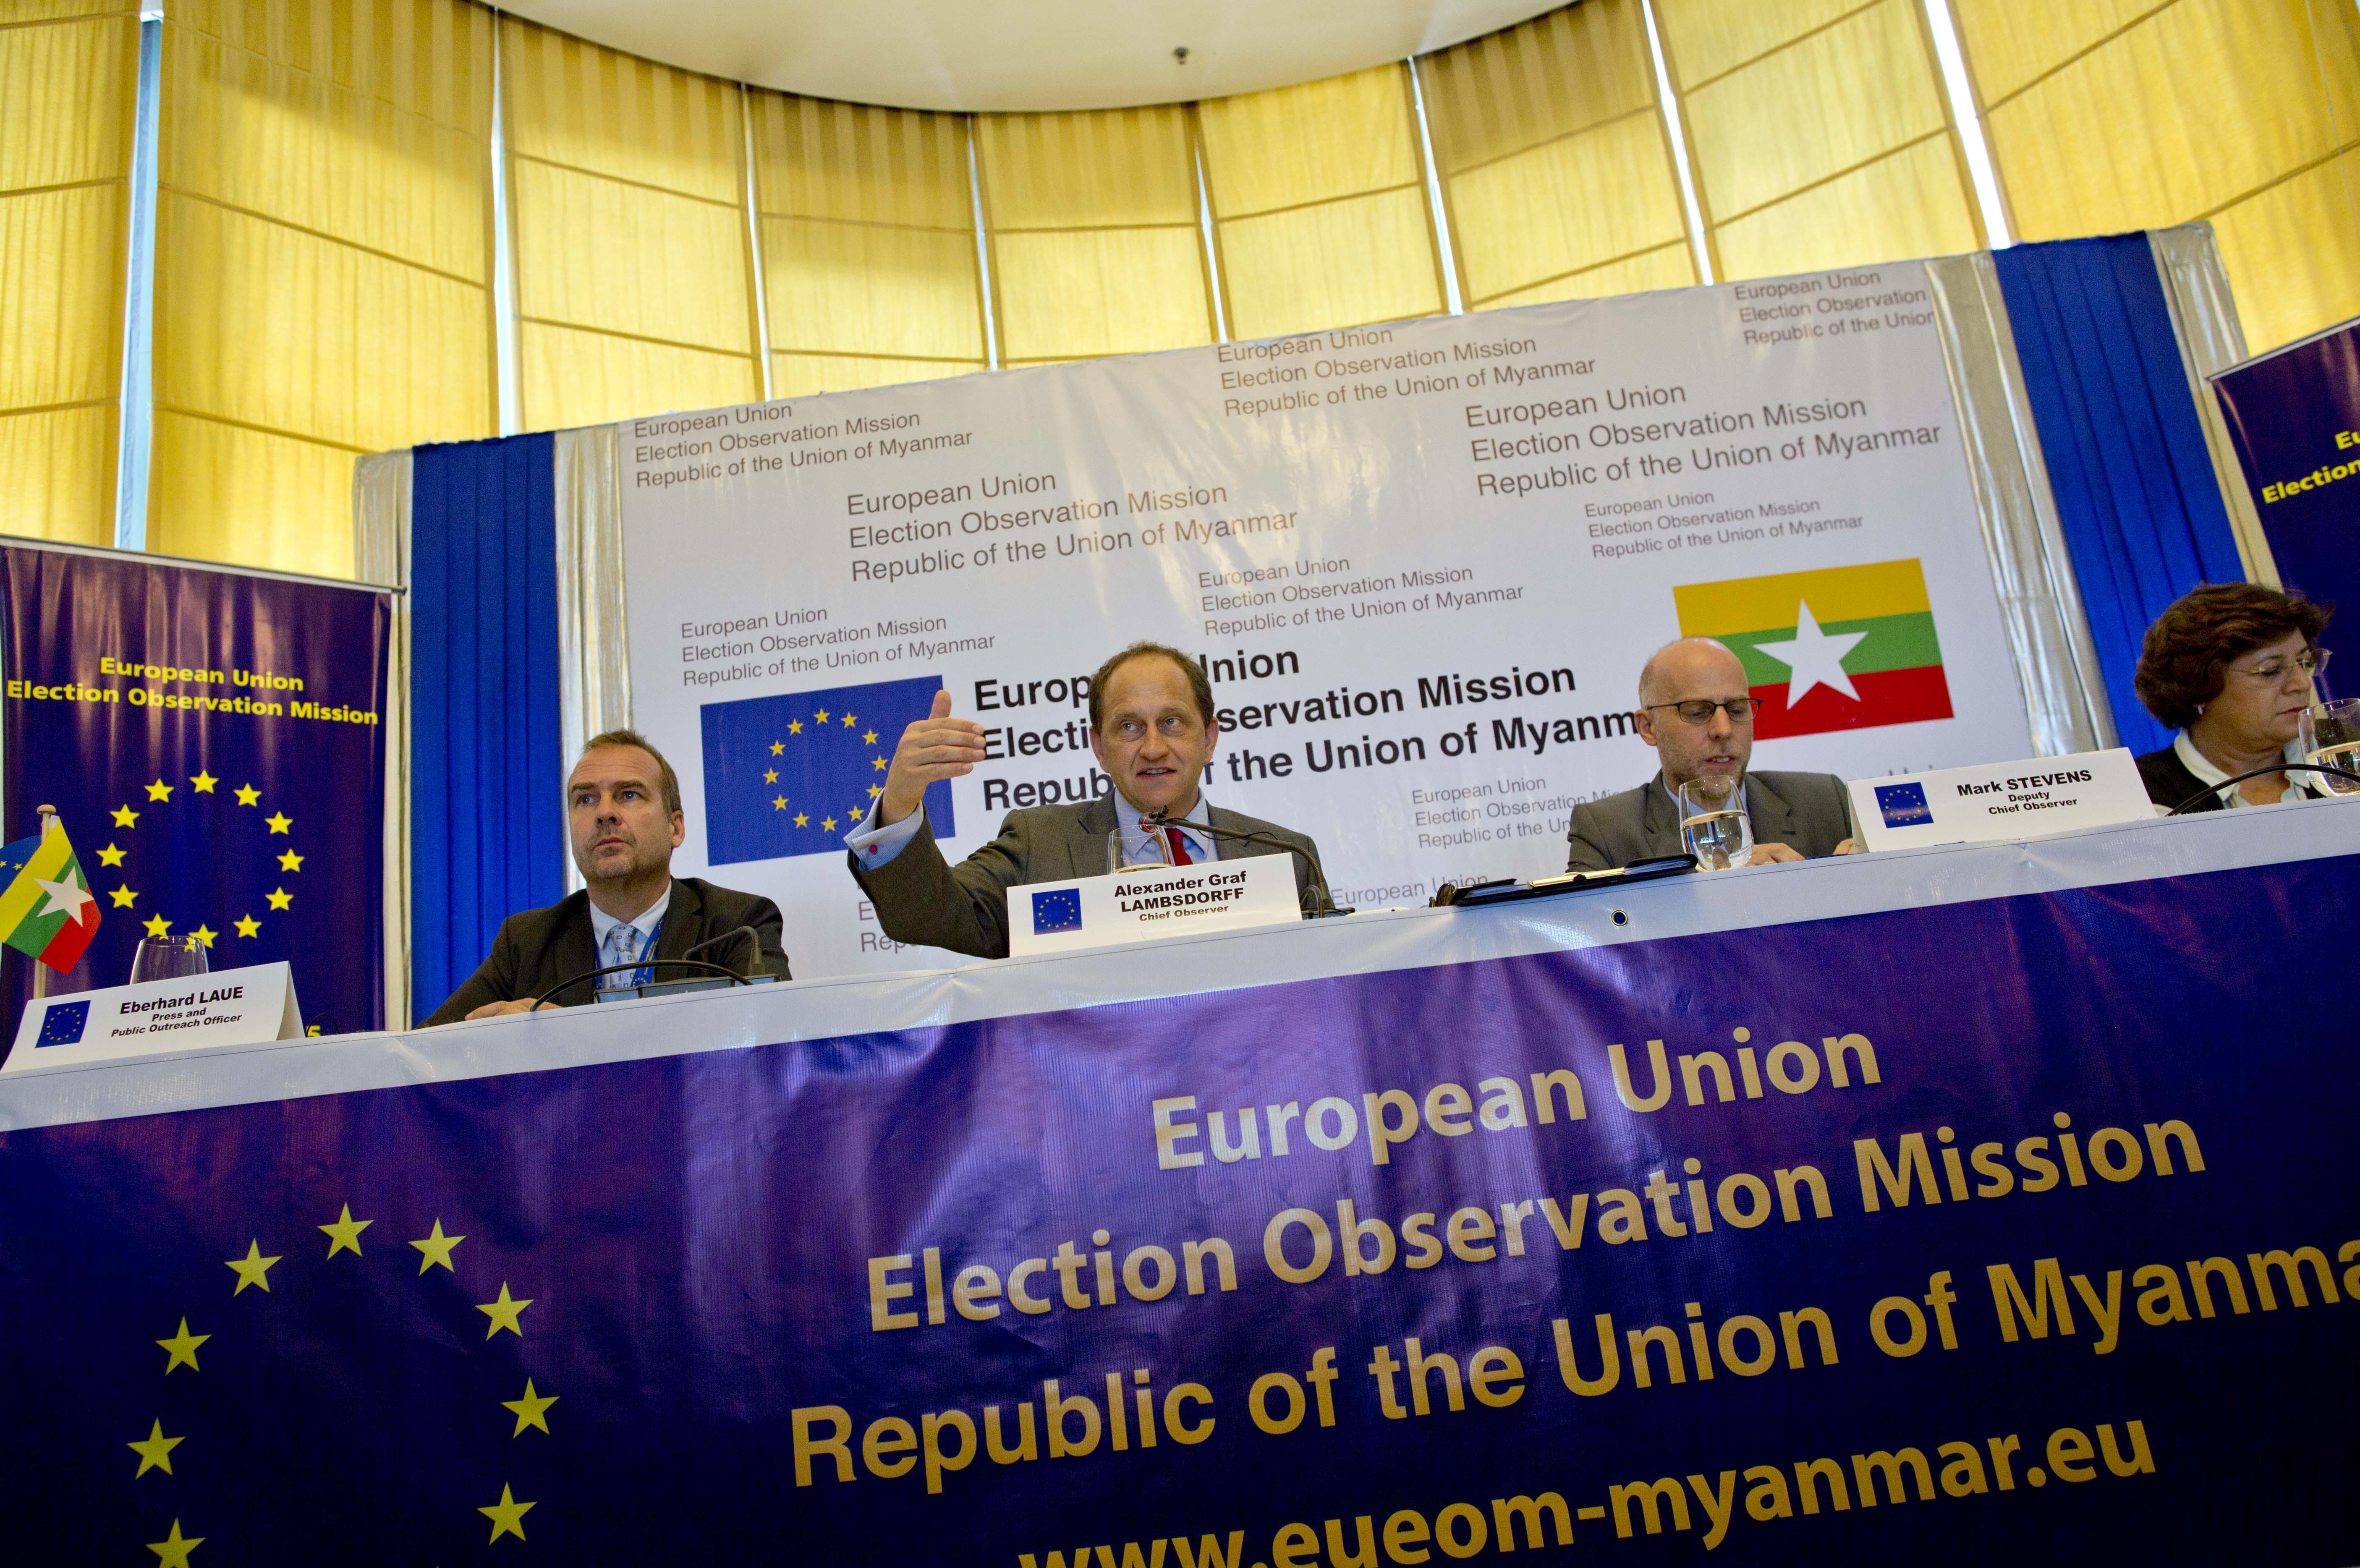 緬甸大選,歐盟觀察團稱緬甸要舉行一場公正的選舉仍有待努力,其中《緬甸憲法》對於軍方享有國會保障名額的規定也遭到批評。(美聯社)